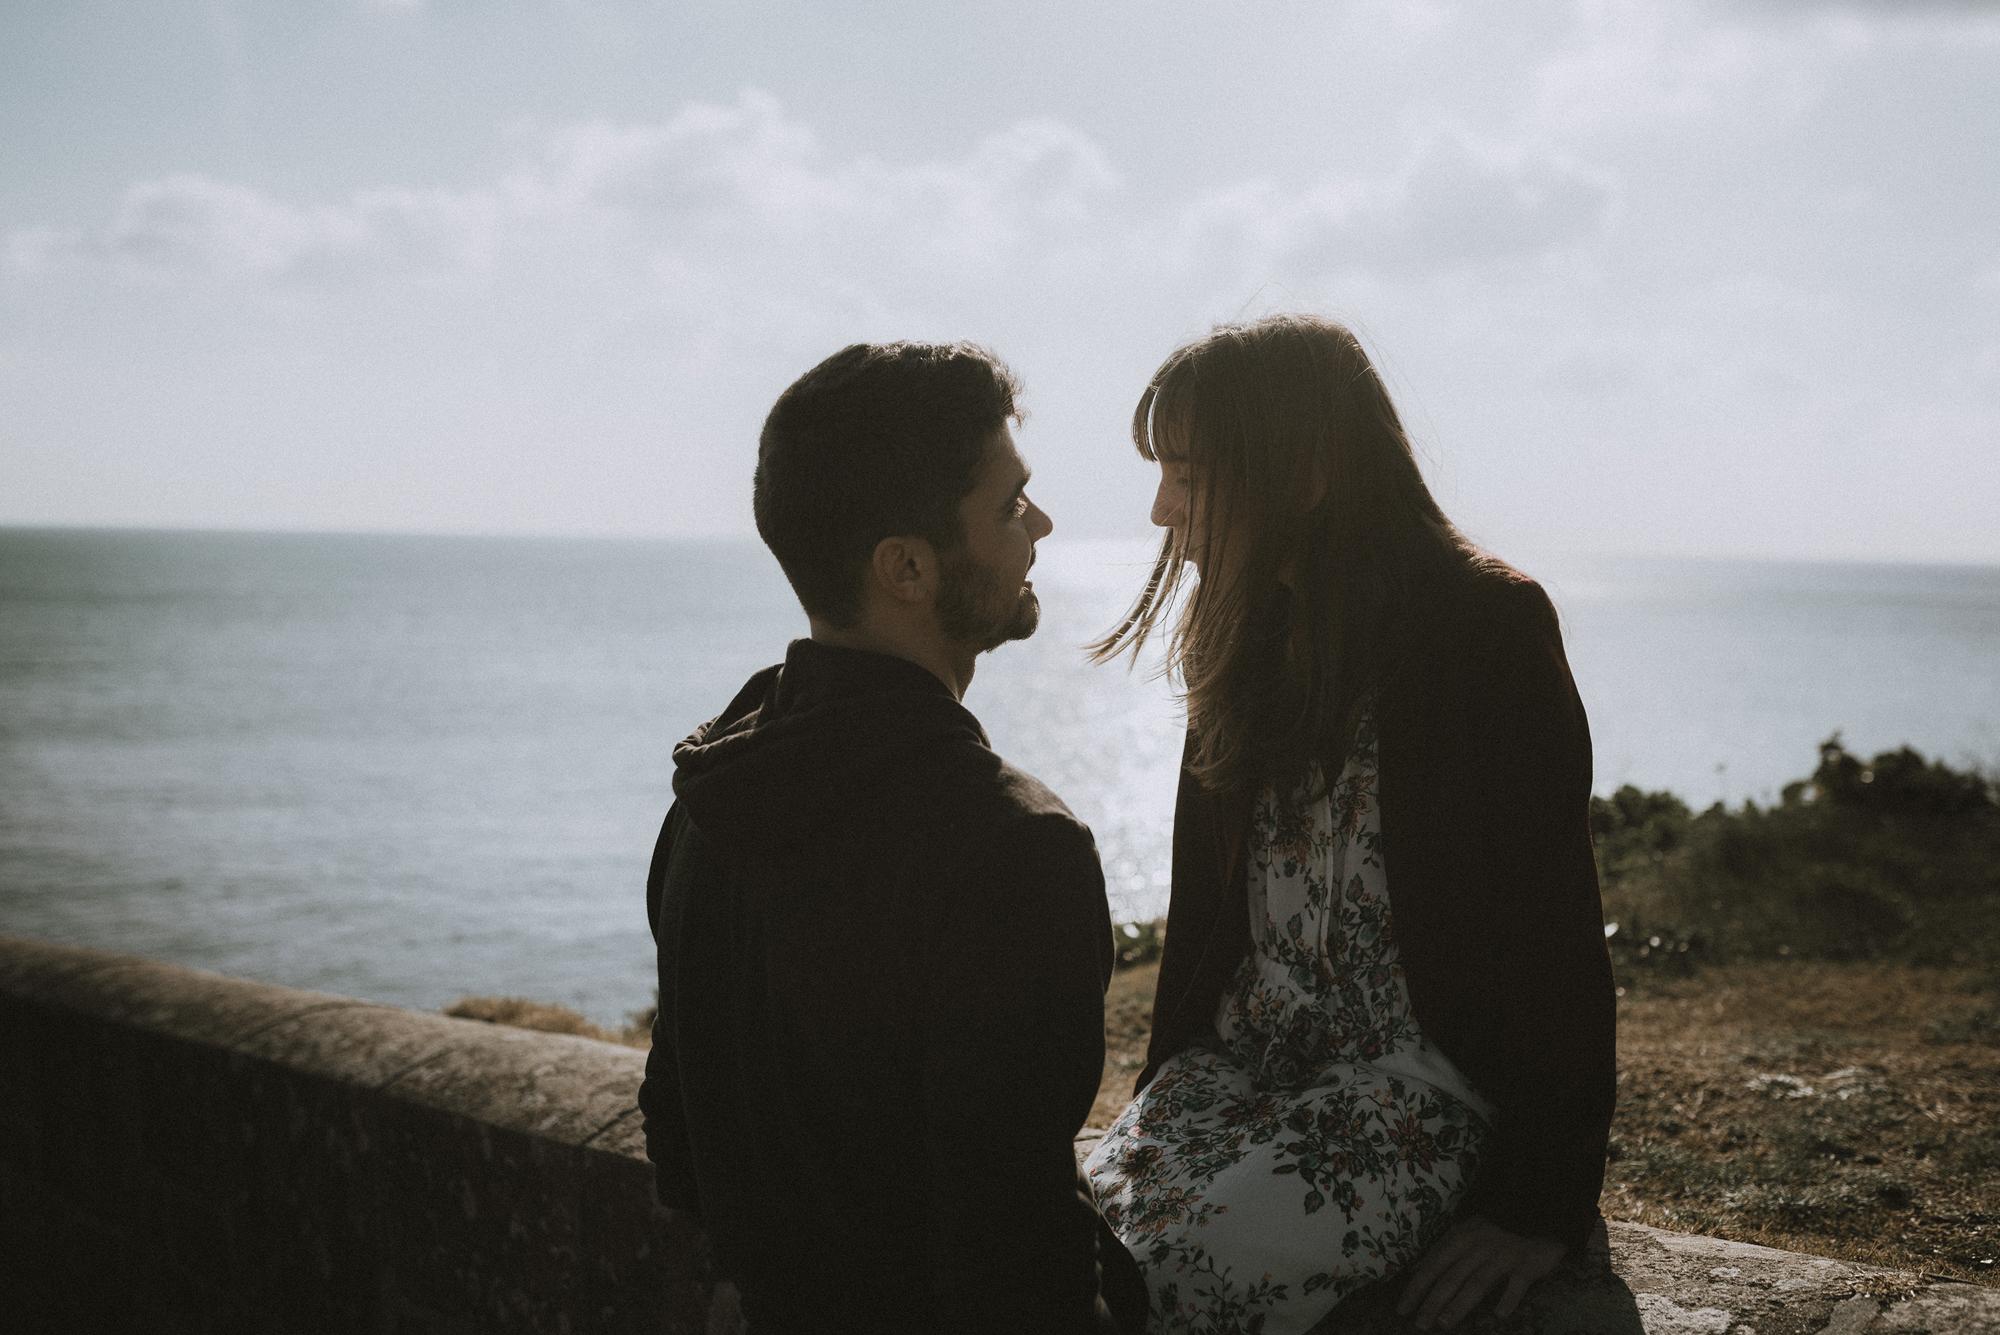 Photographe Couple Photographe Mariage Bretagne Finistère Brest Morlaix Quimper Lannion Plouzané